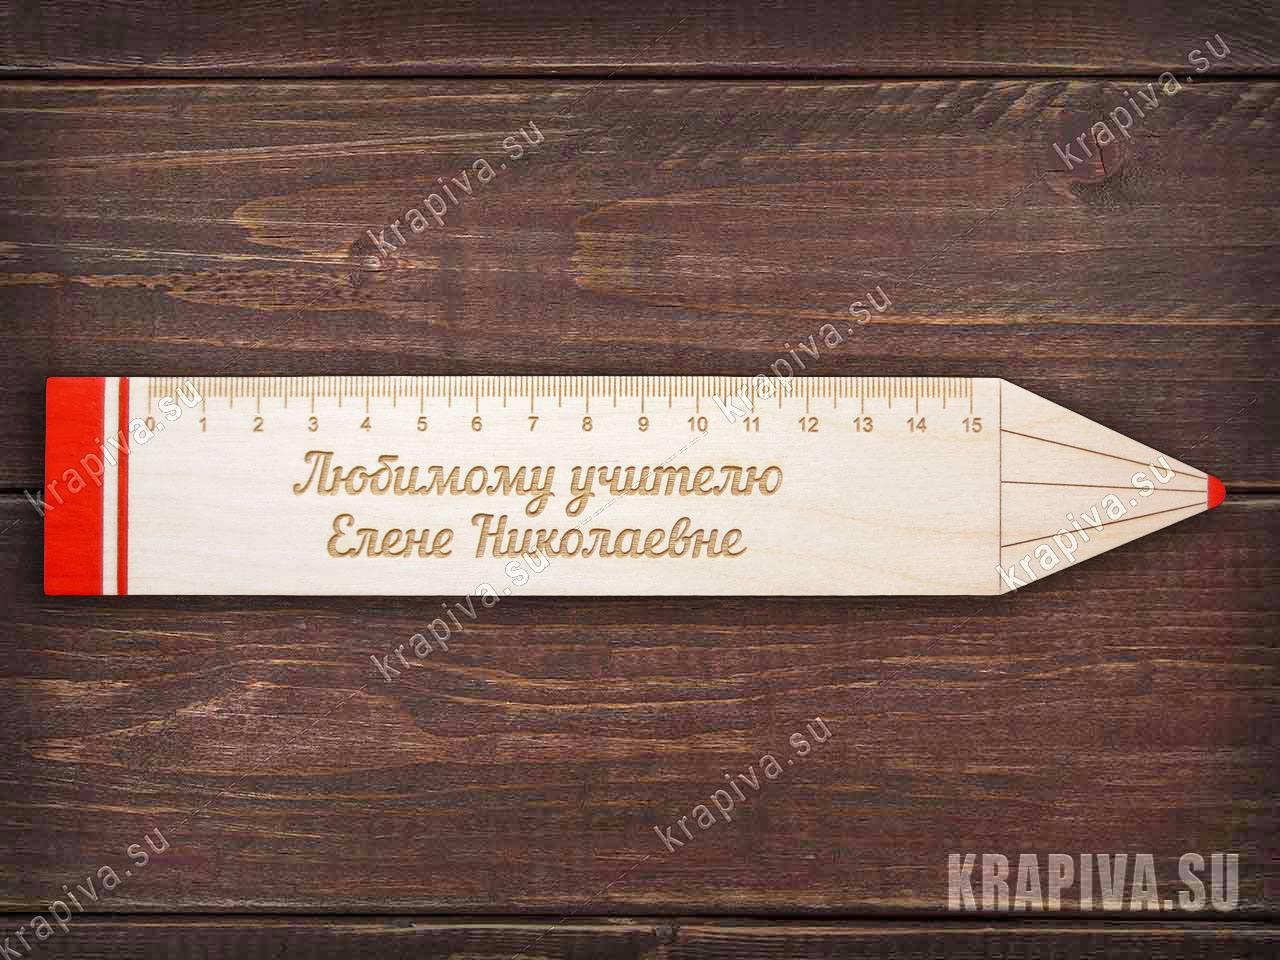 Линейка Карандаш за 180 руб. в магазине Крапива (krapiva.su) (фото)